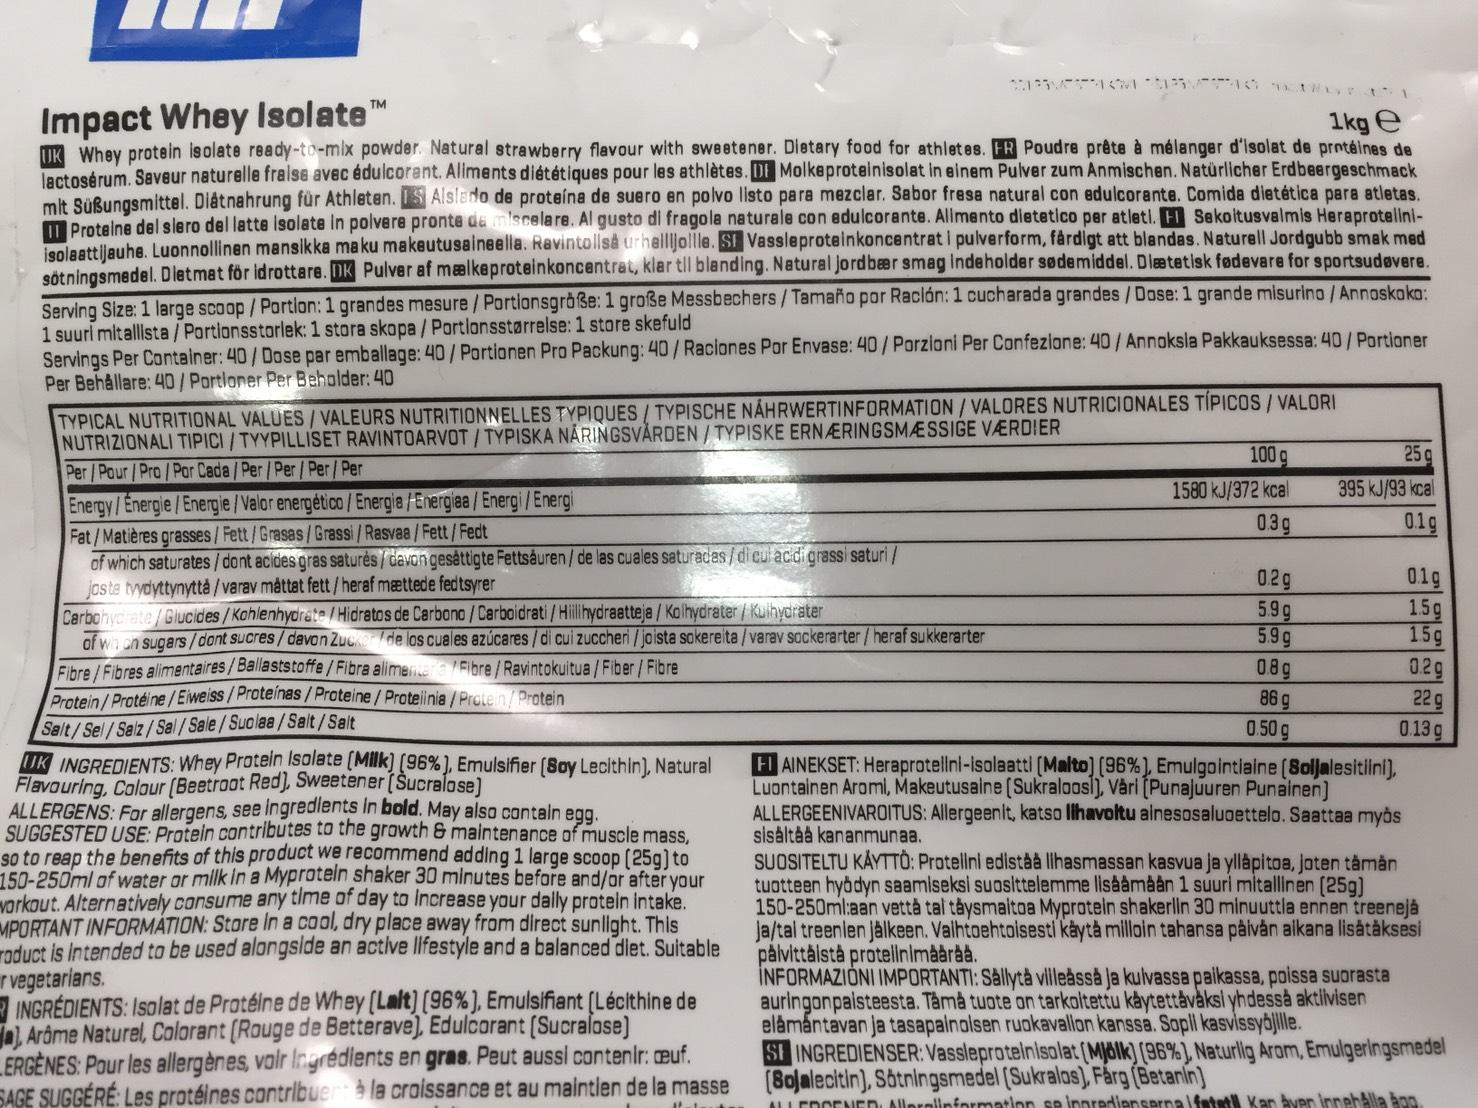 【WPI】IMPACT 分離ホエイプロテイン (アイソレート)「NATURAL STRAWBERRY FLAVOUR(ナチュラルストロベリー味)」の成分表の確認